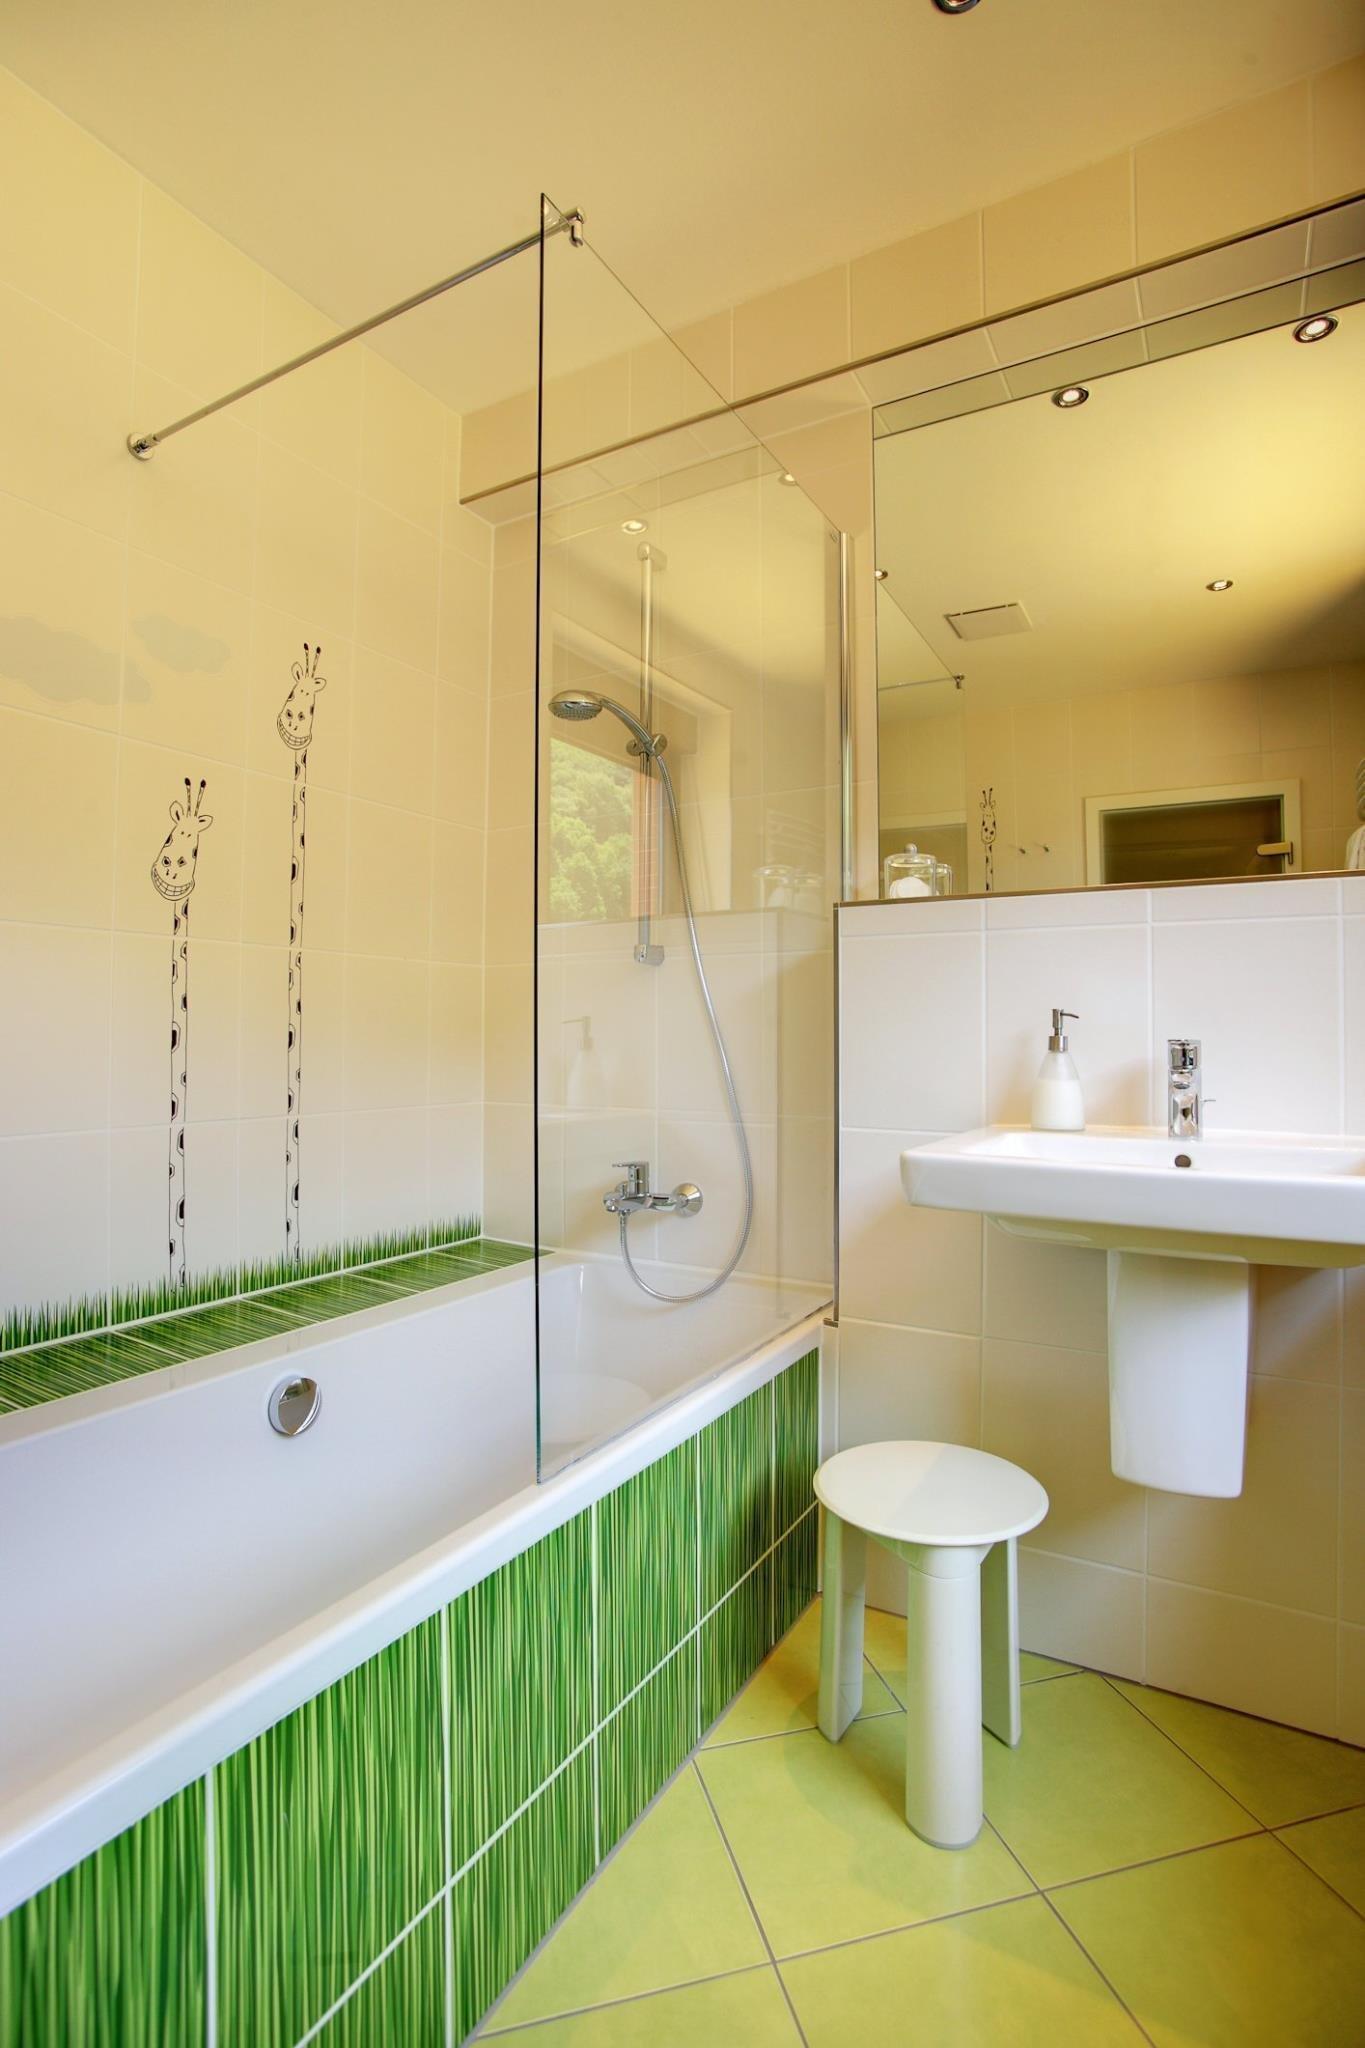 Hotel hotel haus schons in mettlach verwoehnwochenende for Badezimmer quelle